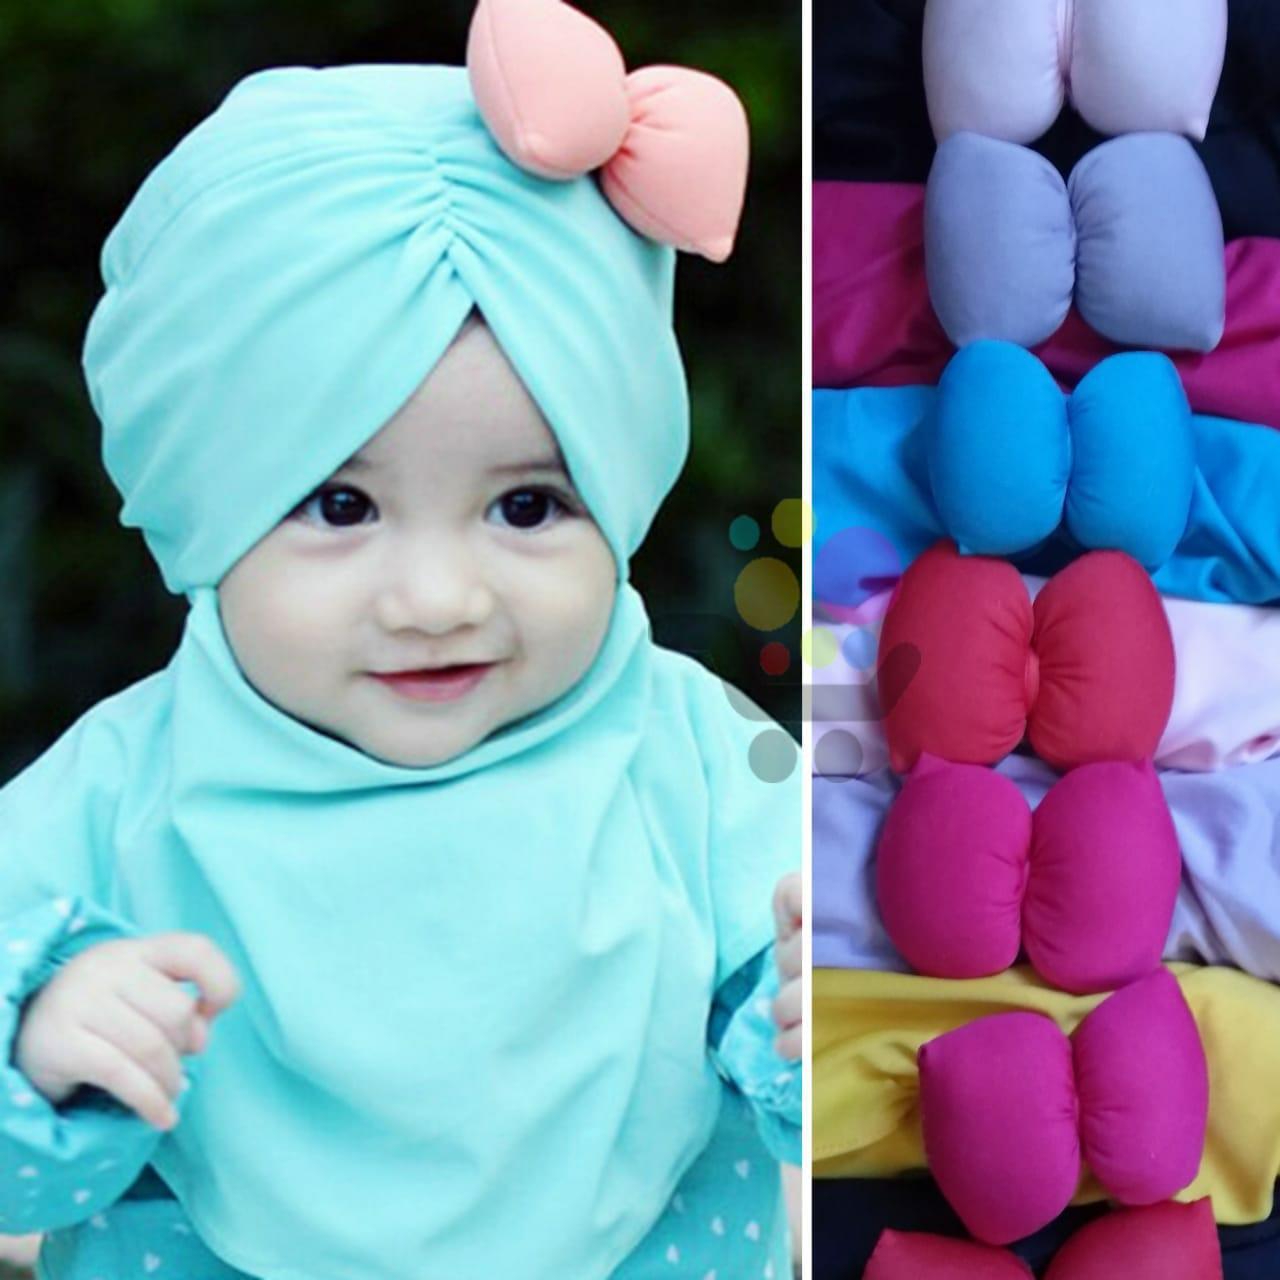 Kerudung Anak Bayi pita samping Jilbab Anak Bayi / Jilbab Bayi / Hijab Pashmina Instan Anak